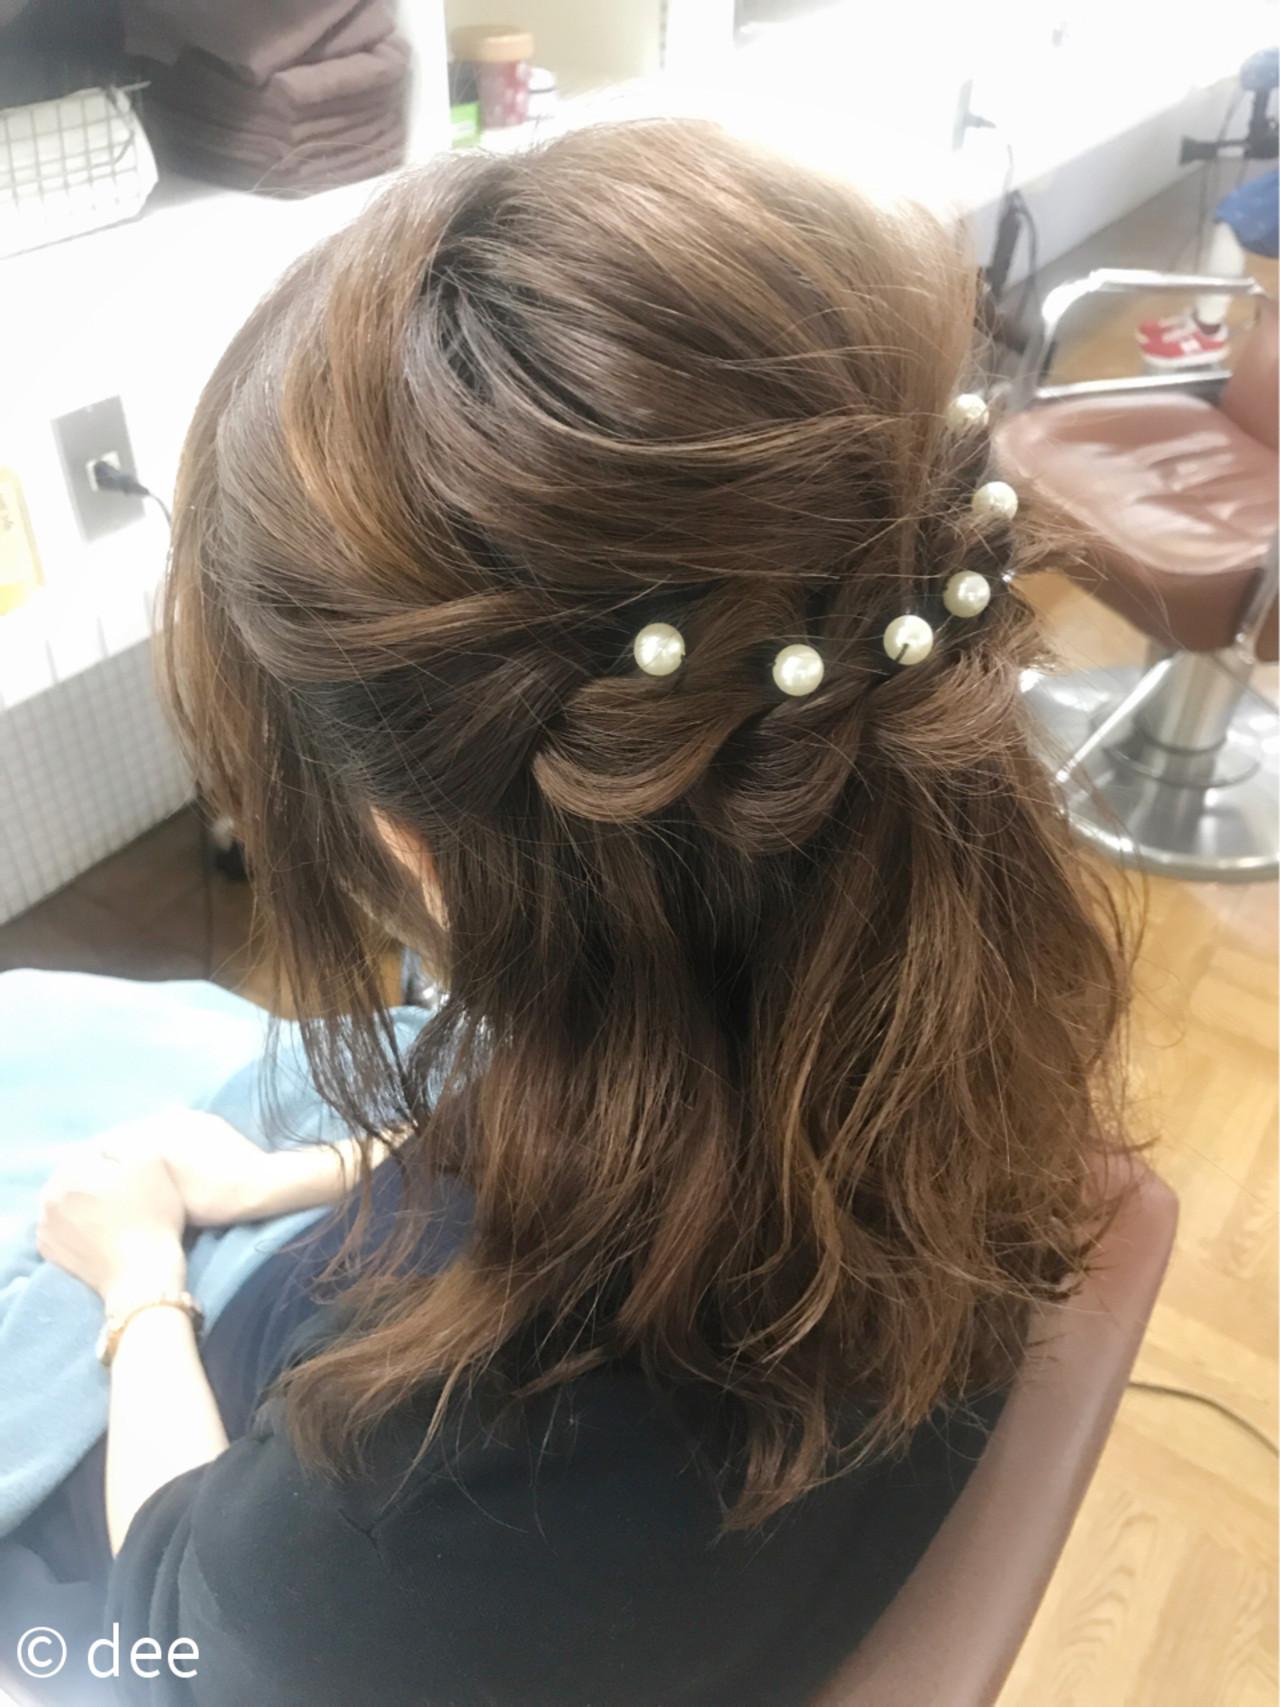 パールの髪飾りが素敵なハーフアップ dee